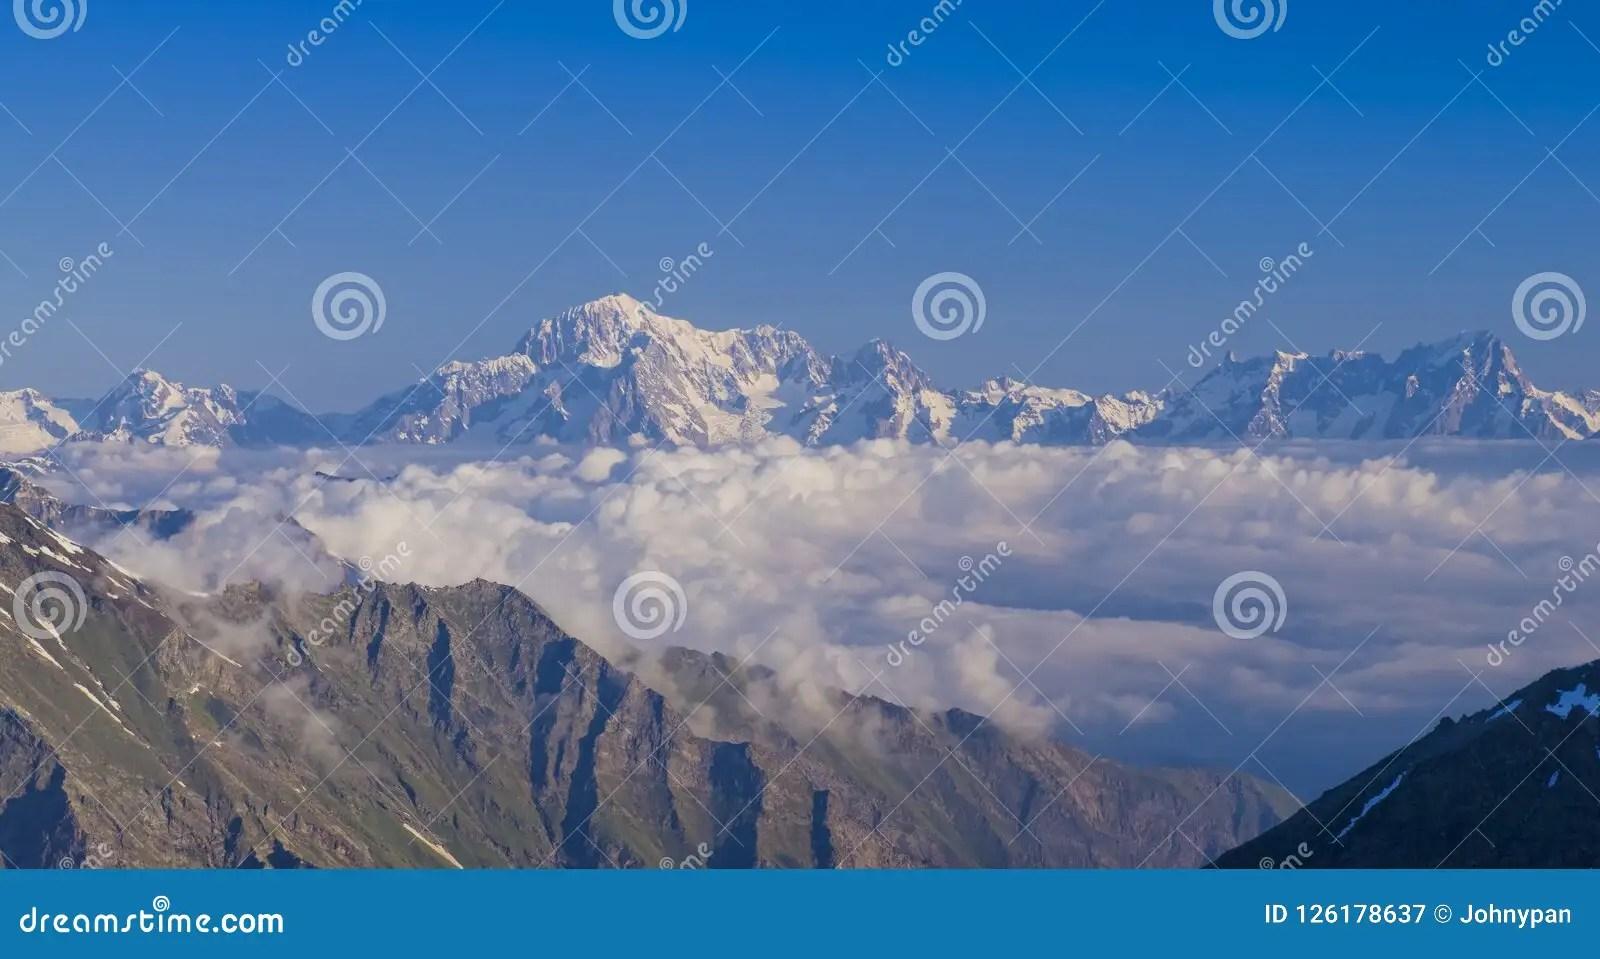 mont blanc de la vallee d aoste